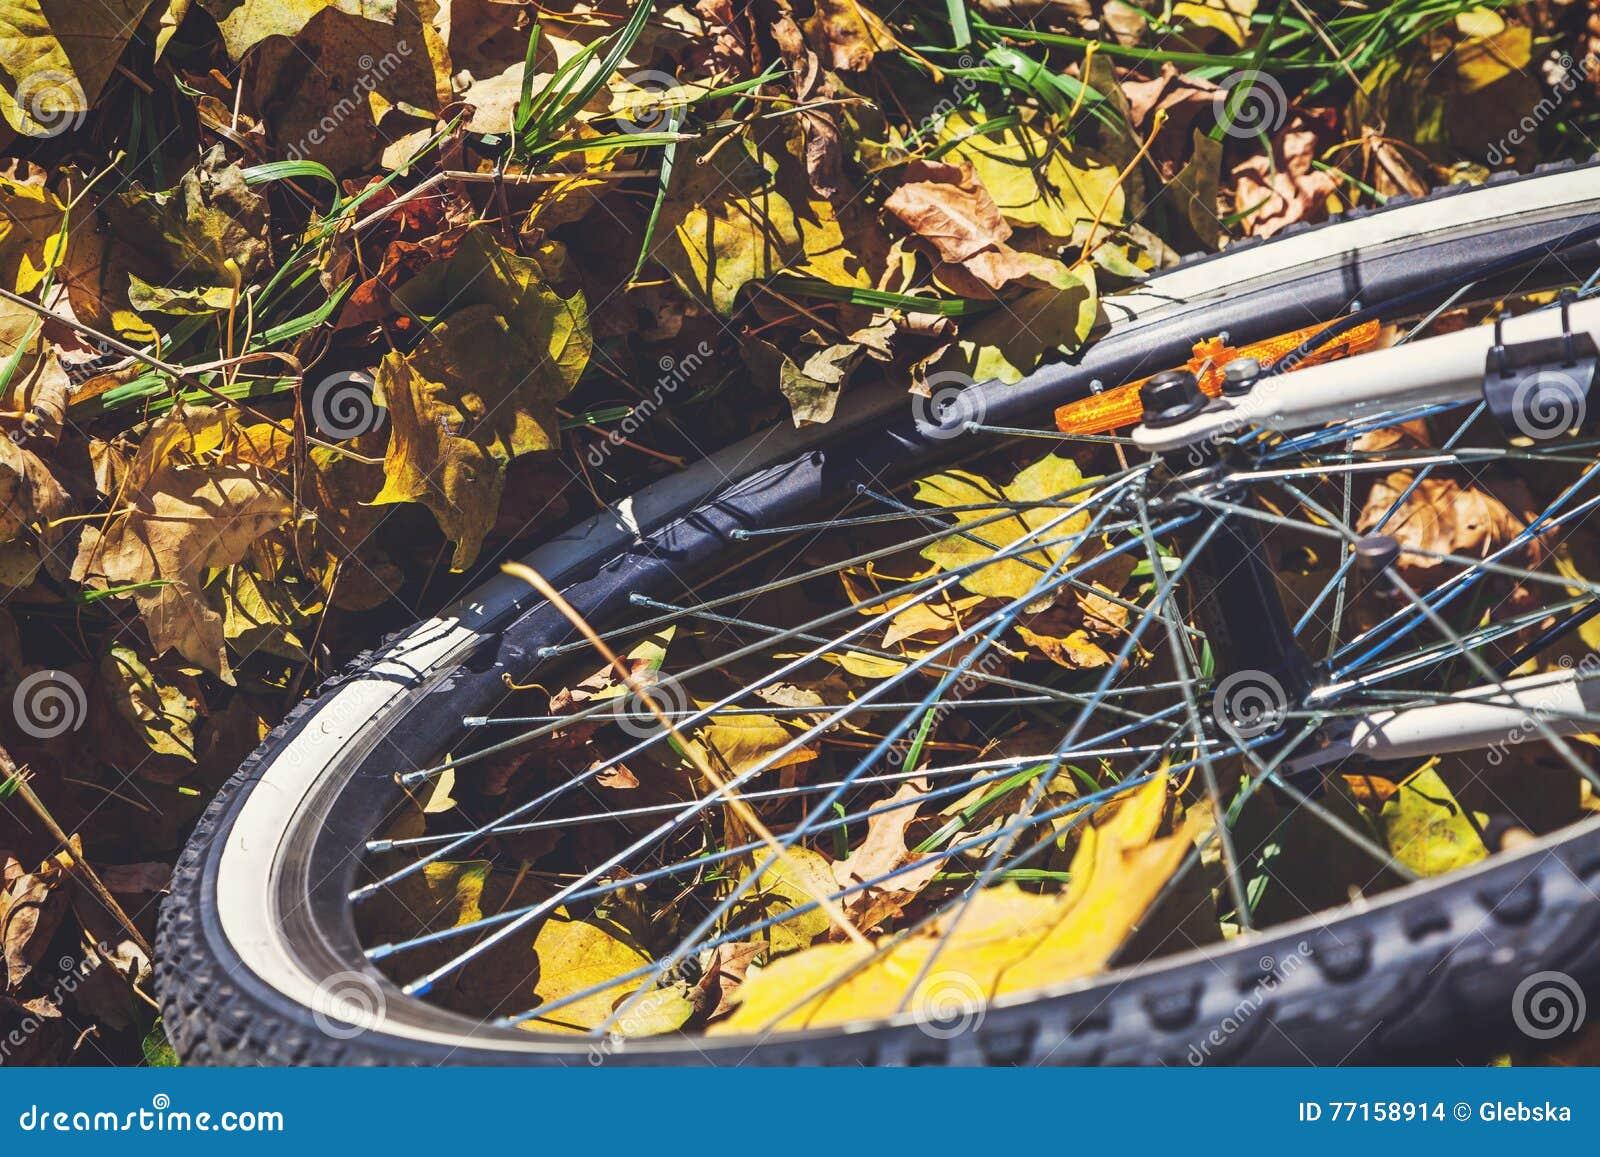 La roue de bicyclette se tient sur les feuilles tombées des arbres